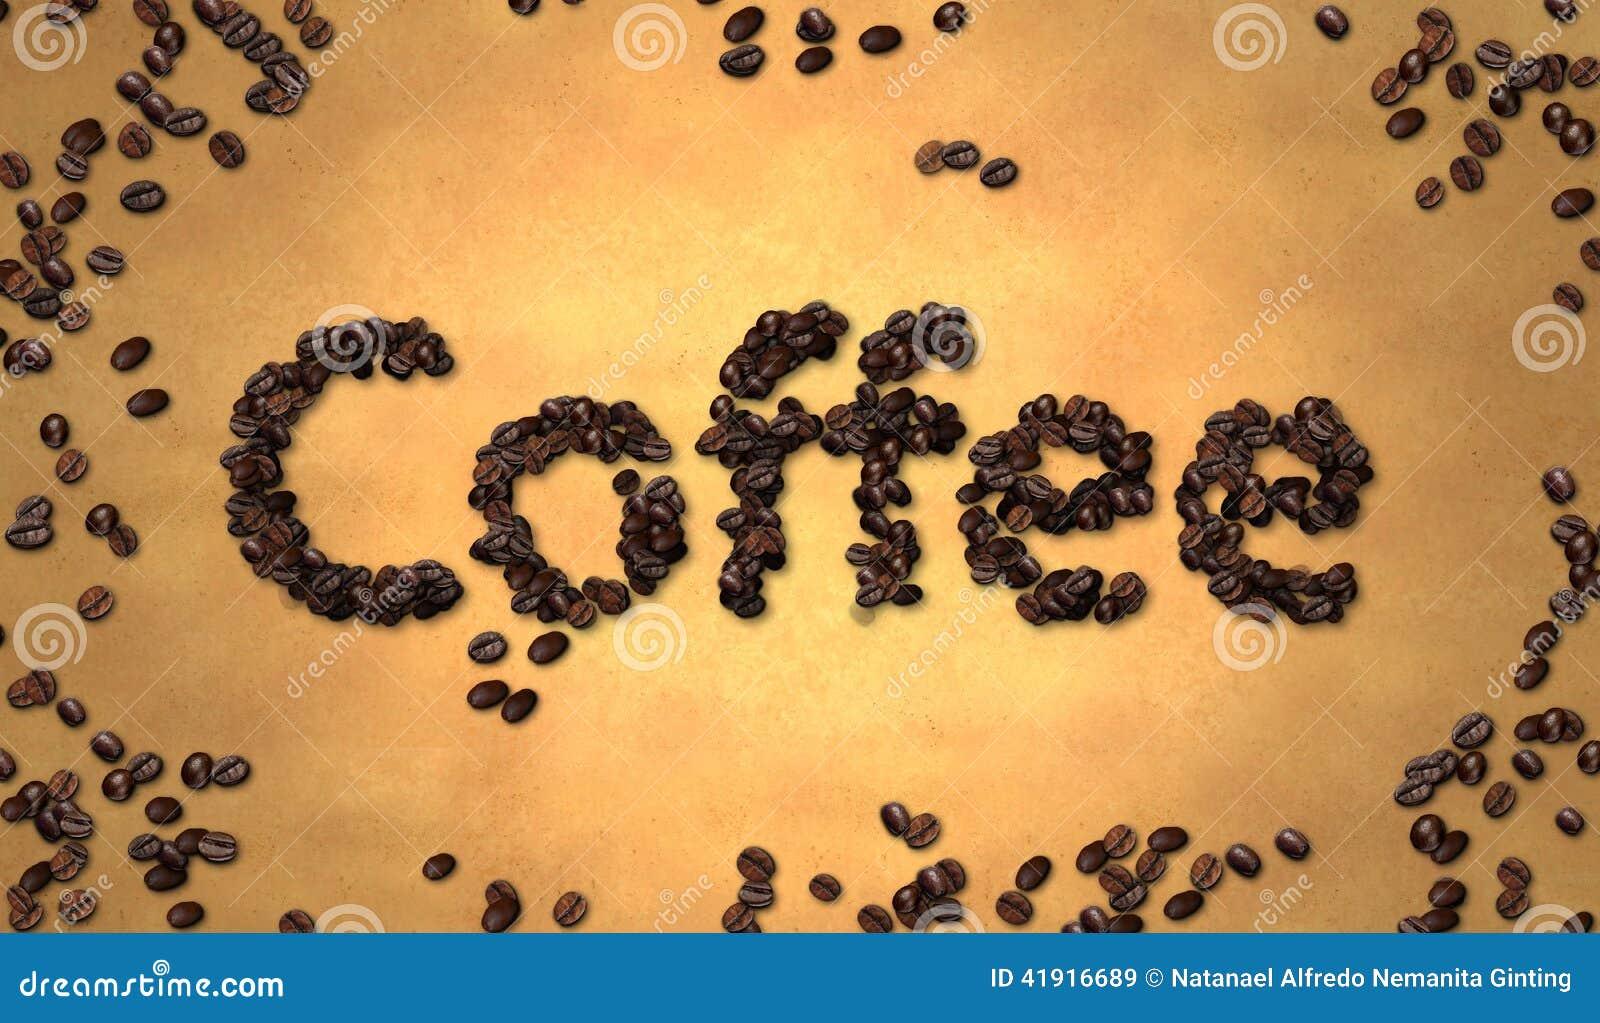 Grano de café en el papel viejo